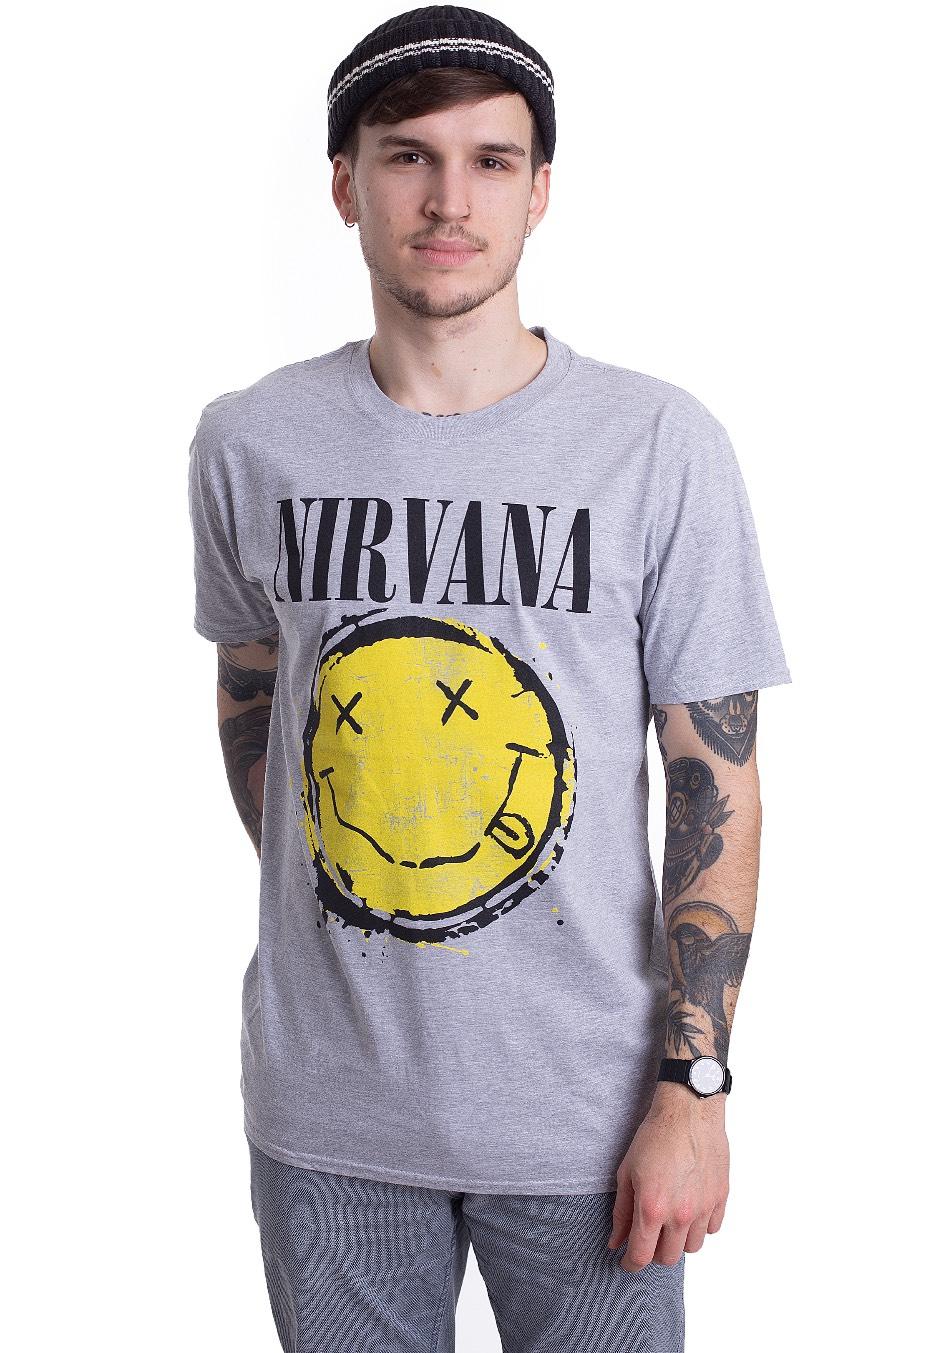 Nirvana - Smiley Splat - - T-Shirts